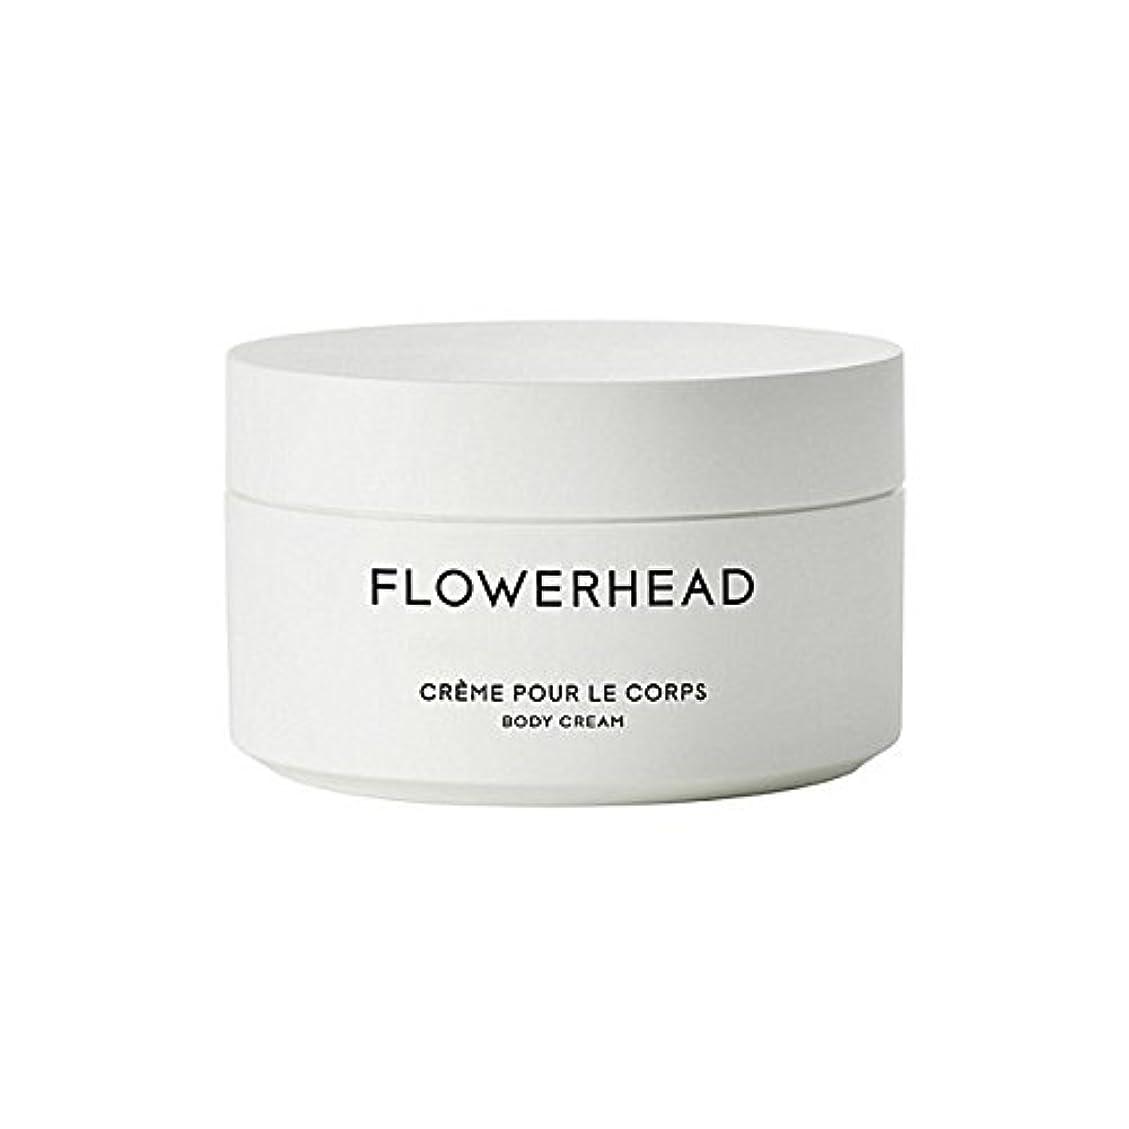 気絶させる差憲法ボディクリーム200ミリリットル x4 - Byredo Flowerhead Body Cream 200ml (Pack of 4) [並行輸入品]